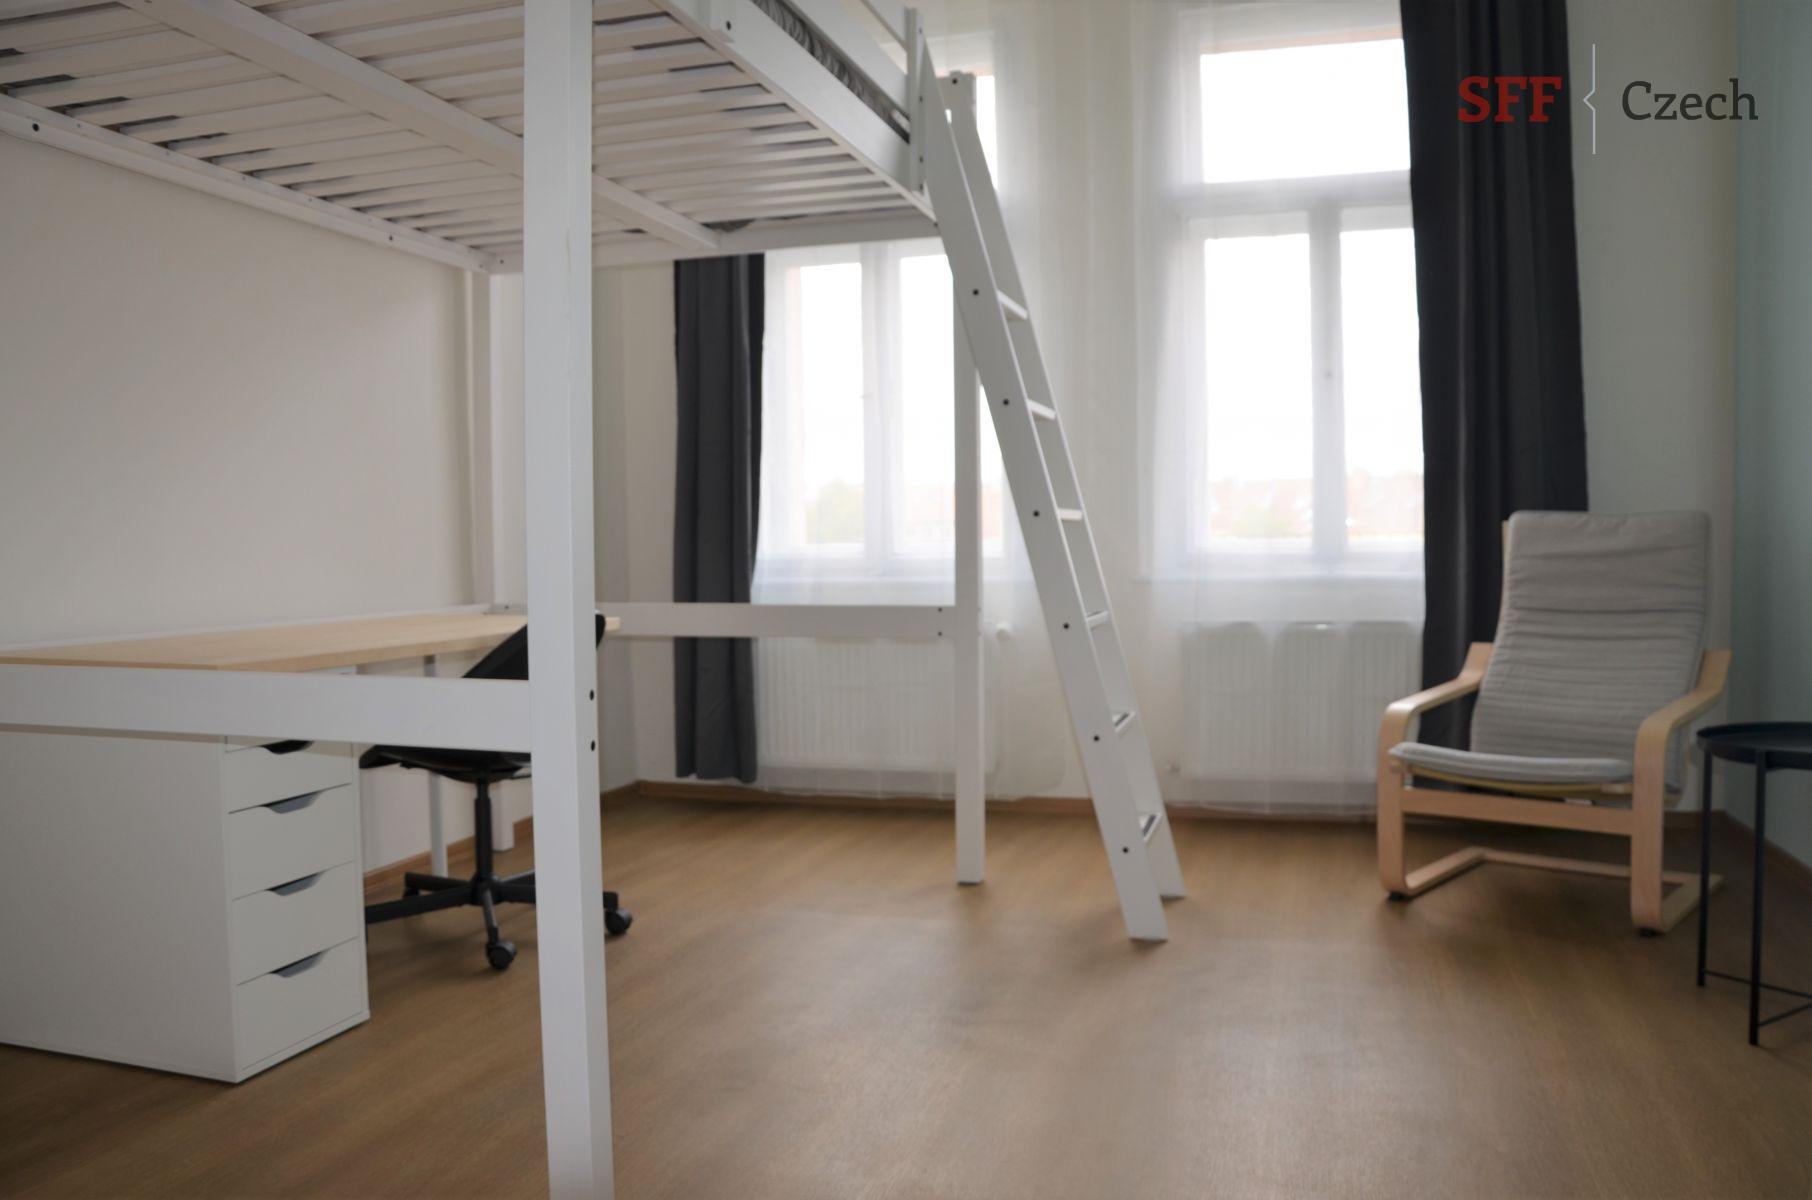 Hezký nový vybavený pokoj v centru Prahy blízko I.P. Pavlova ve sdíleném bytě